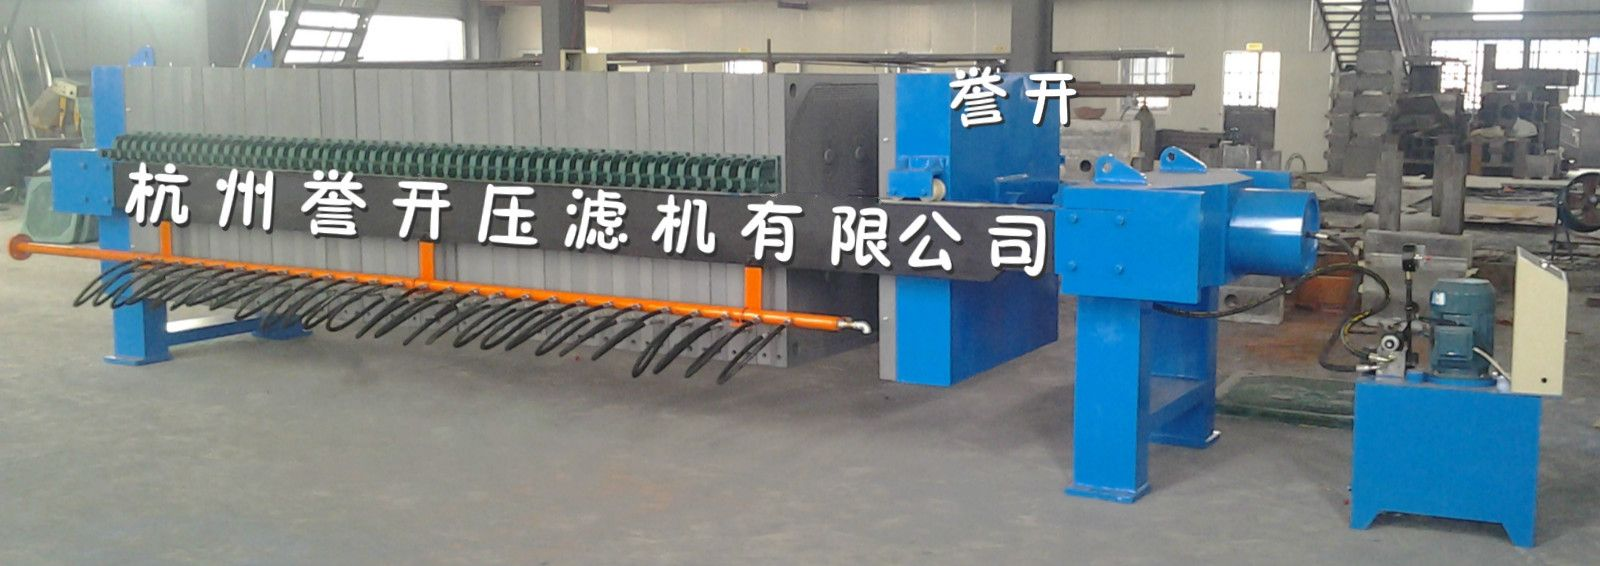 污泥脱水机隔膜压滤机